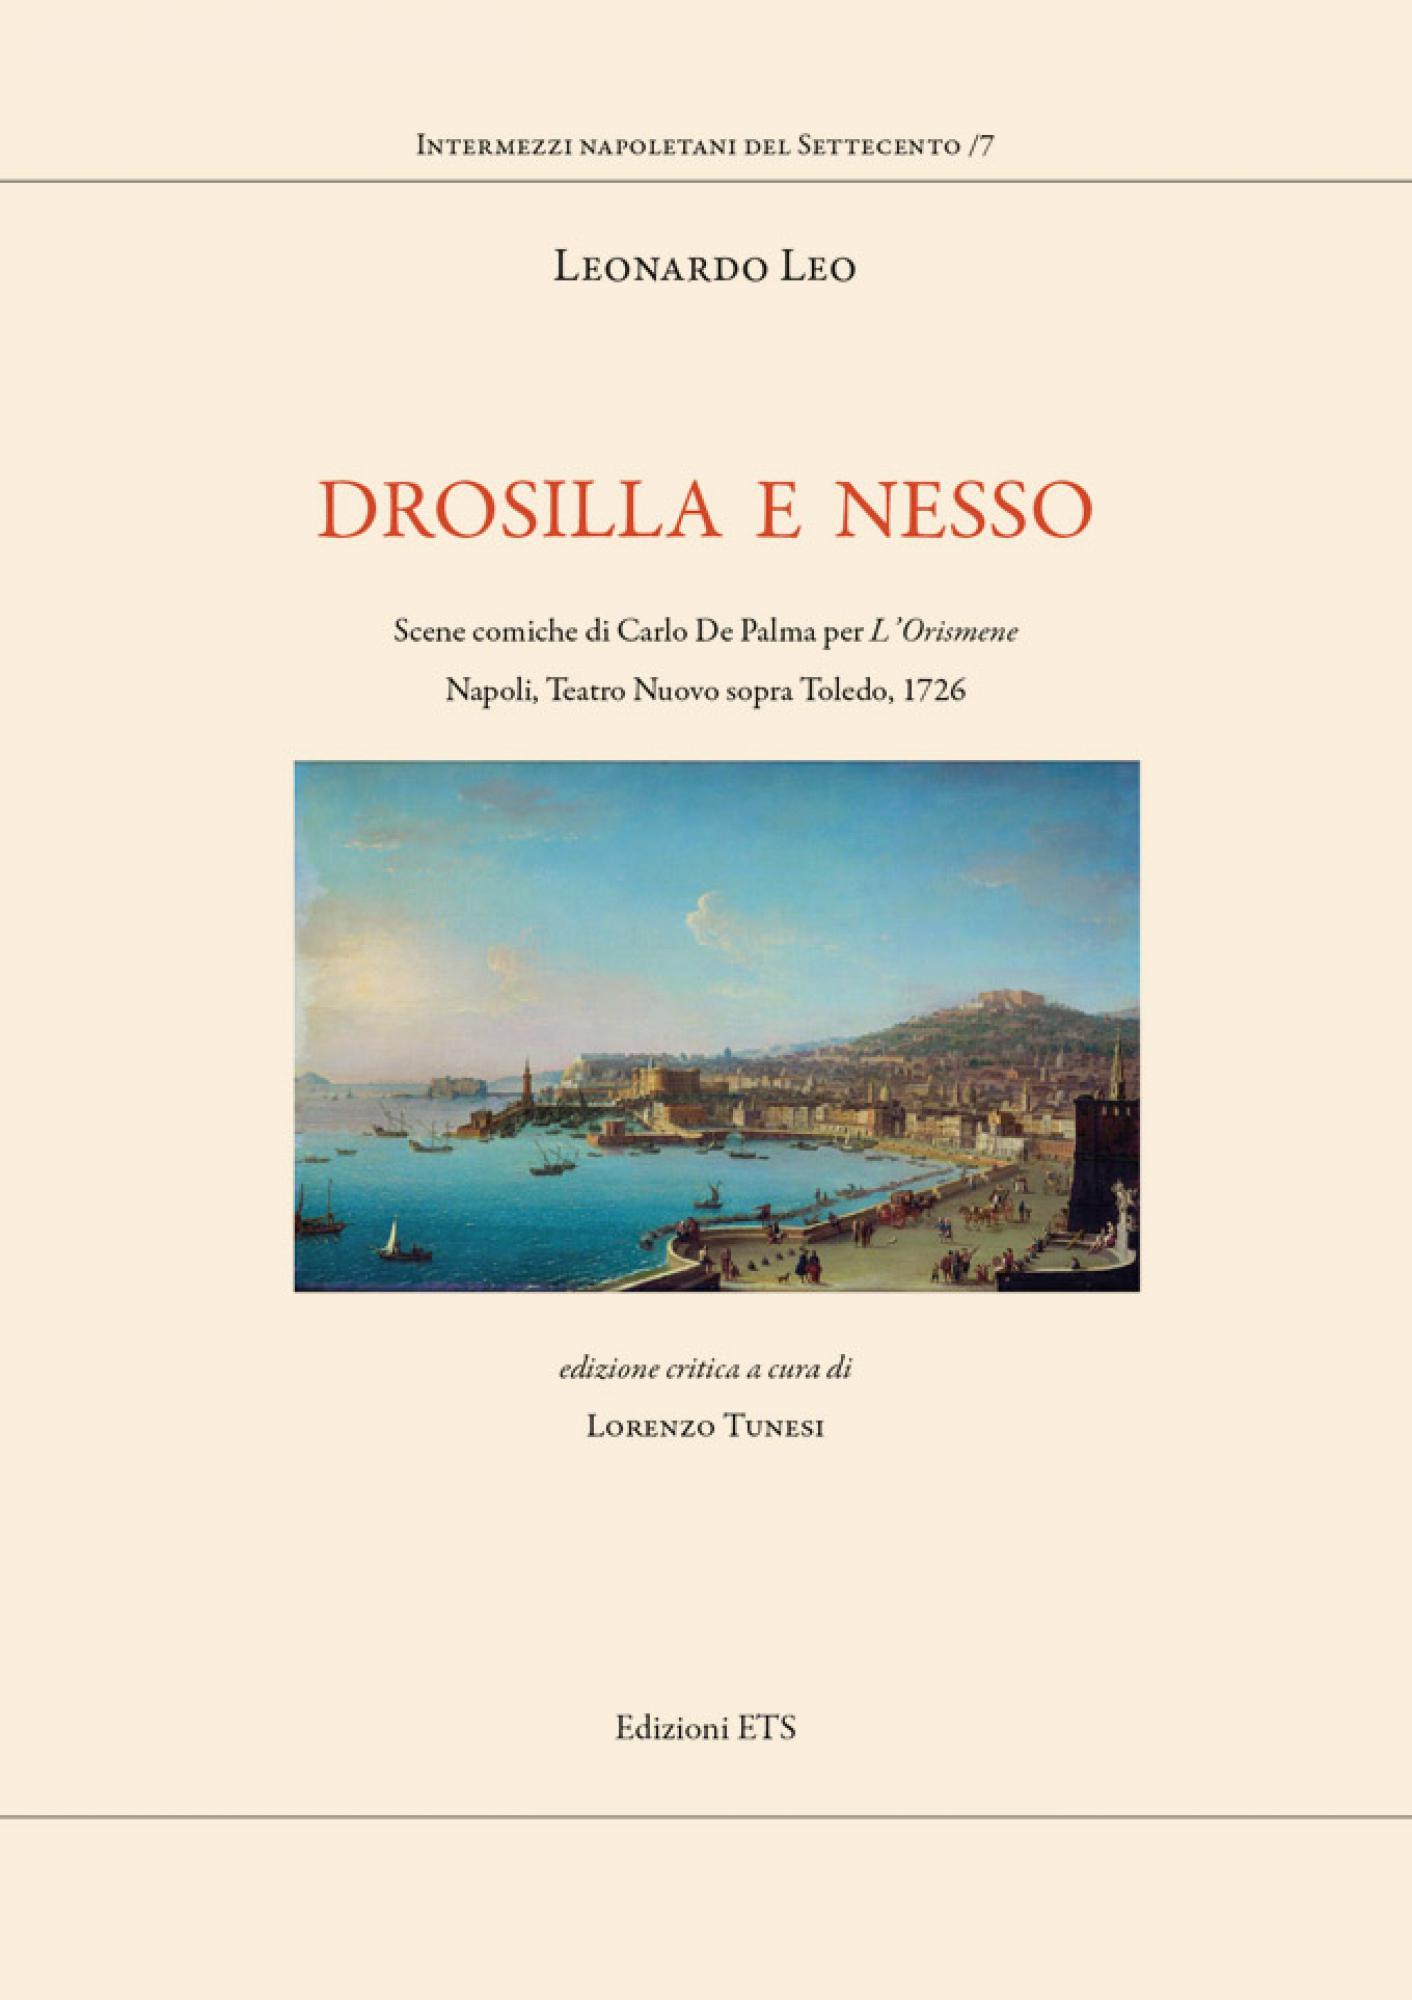 Drosilla e Nesso.Scene comiche di Carlo De Palma per L'Orismene. Napoli, Teatro Nuovo sopra Toledo, 1726